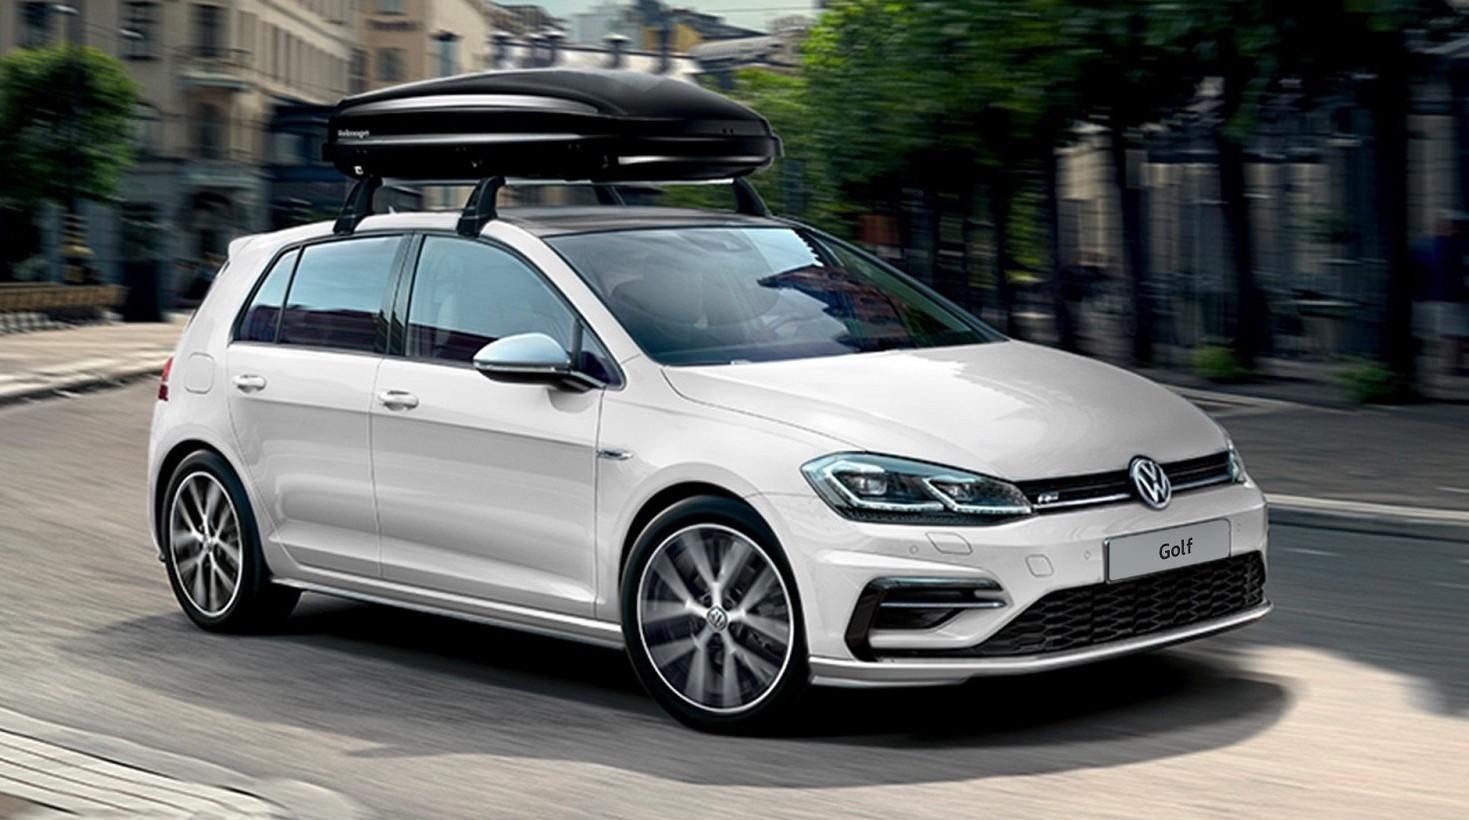 Golf 7 2019 prezzi, listino, modelli, mo